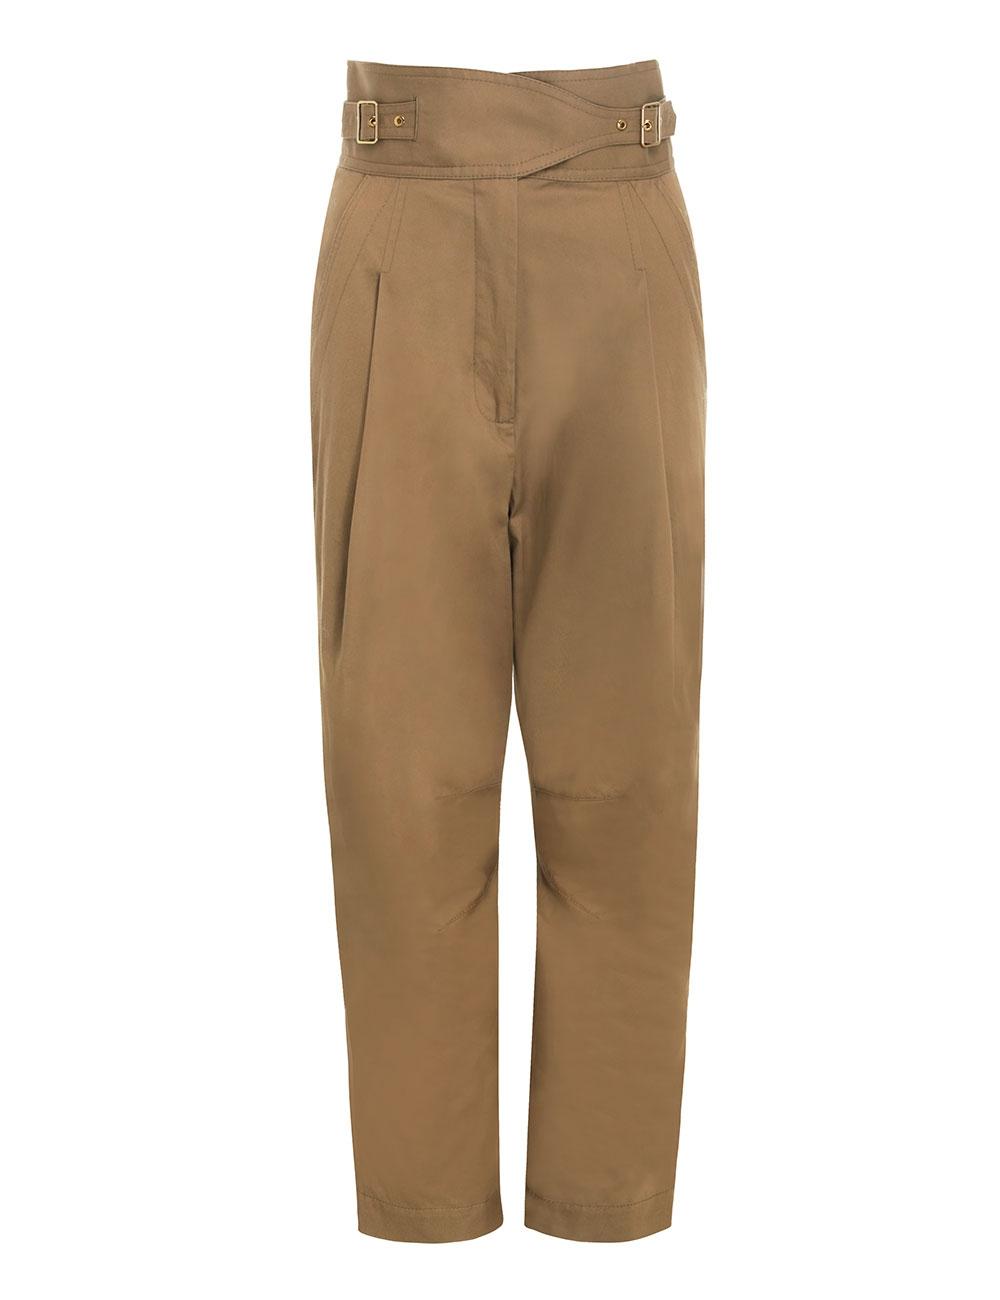 Ladybeetle Buckle Pants